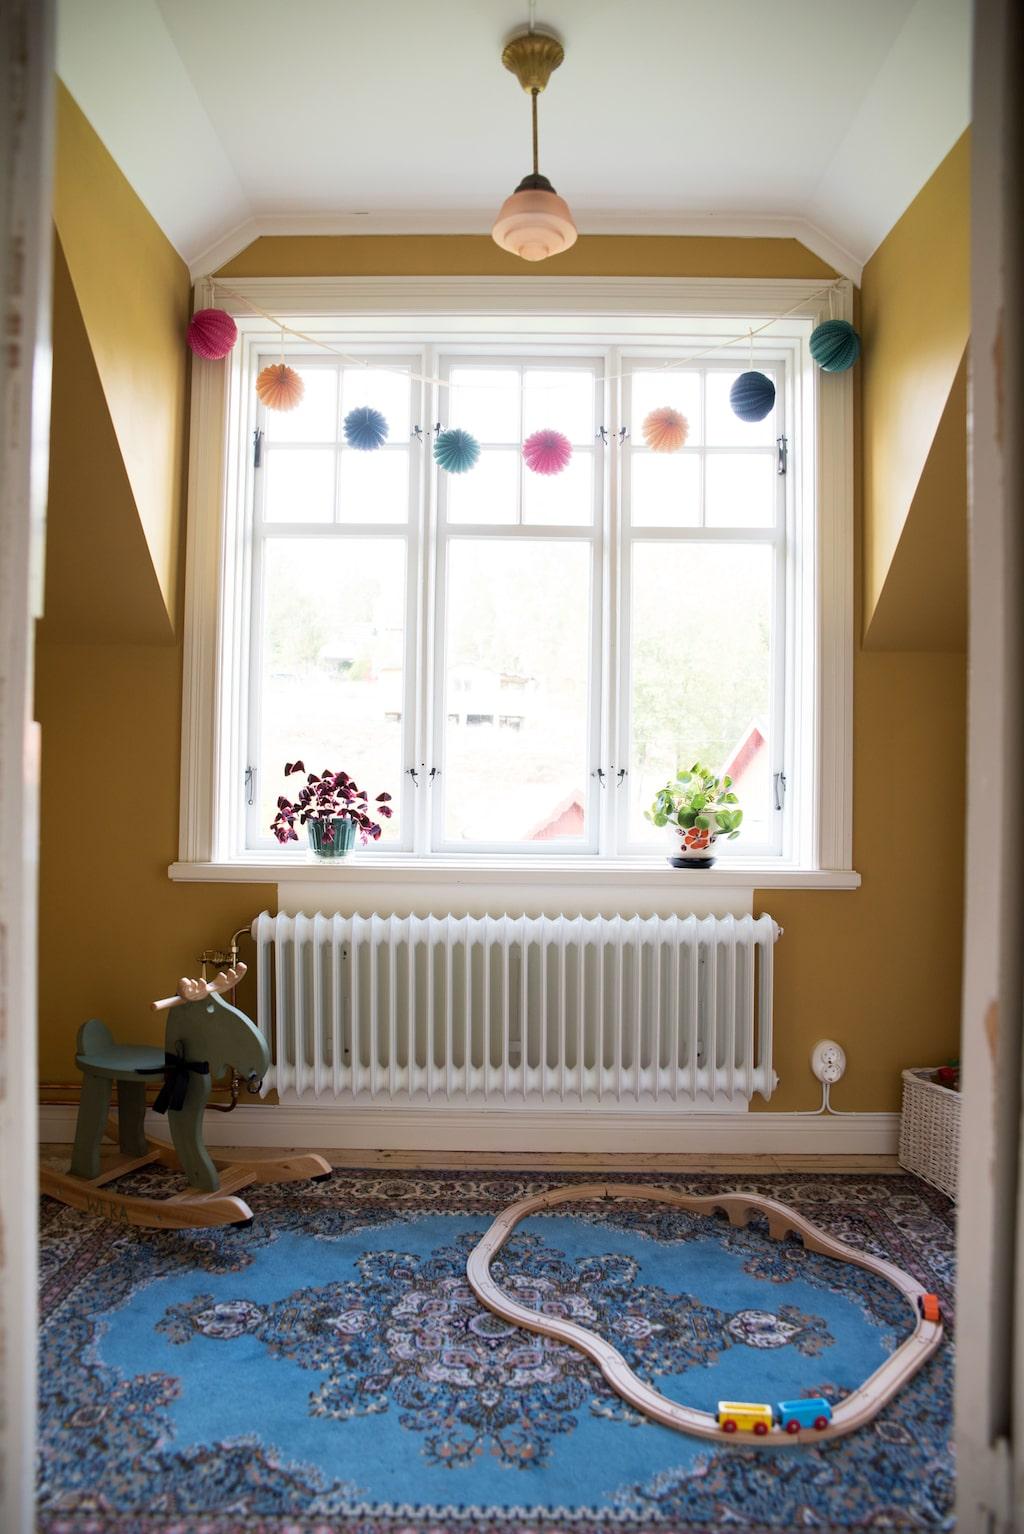 Och så här ser en del av rummet ut efter renovering. Paret har räknat att kostanden för huset, tomten och renovering motsvarar värdet på villor i området.